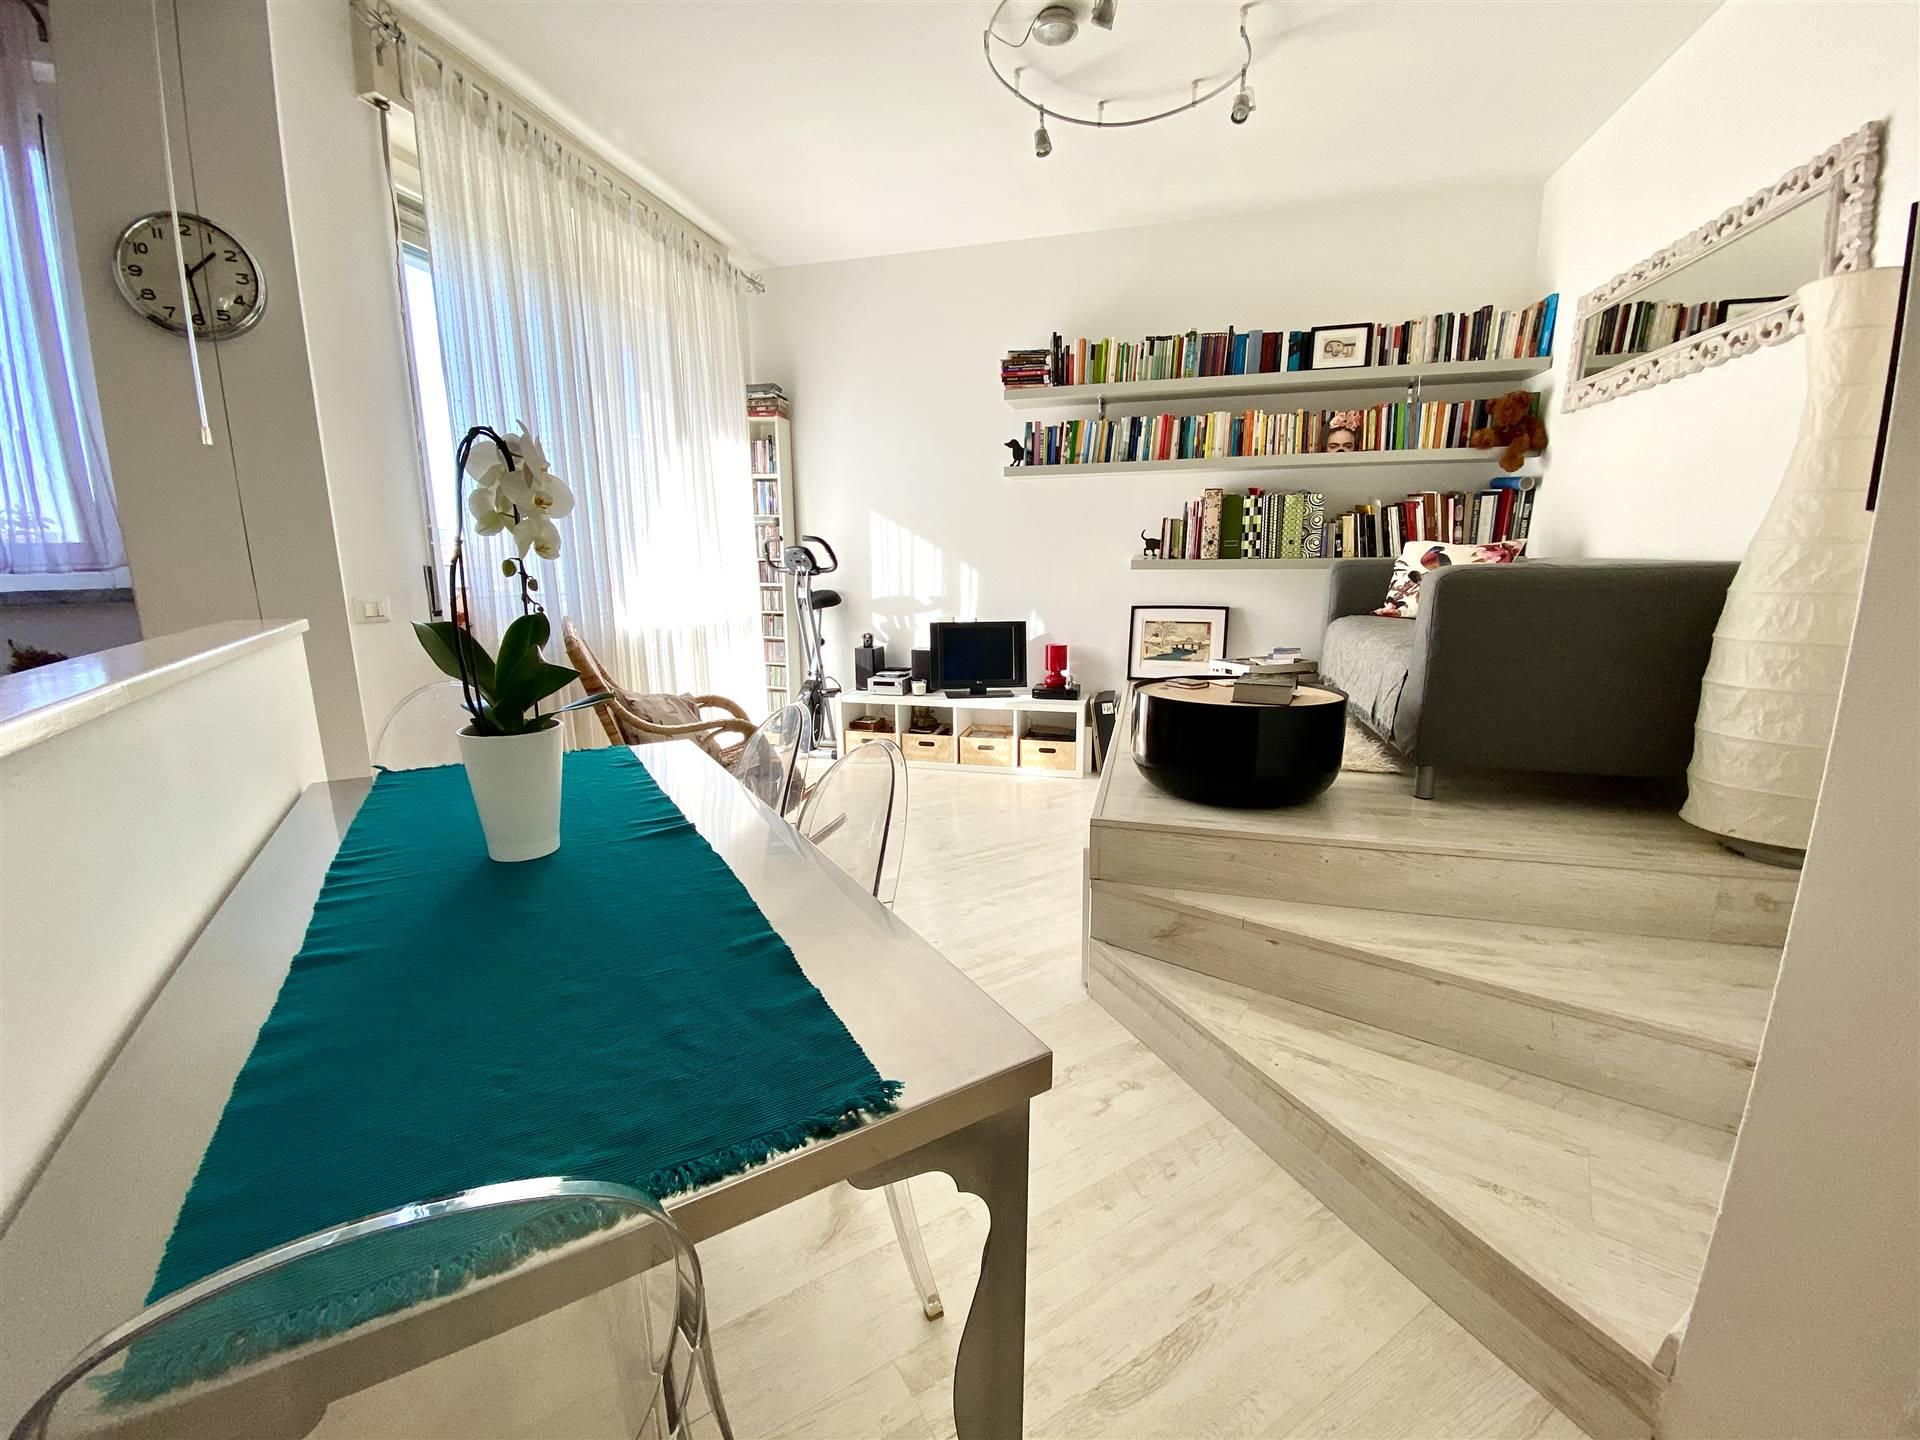 FIRENZE, MILANO, Квартира на продажу из 38 Км, Отличное, Отопление Централизиванное, Класс энергосбережения: G, Epi: 175 kwh/m2 год, на земле 5° на 7, состоит из: 1 Помещения, Подвергаться, , 1